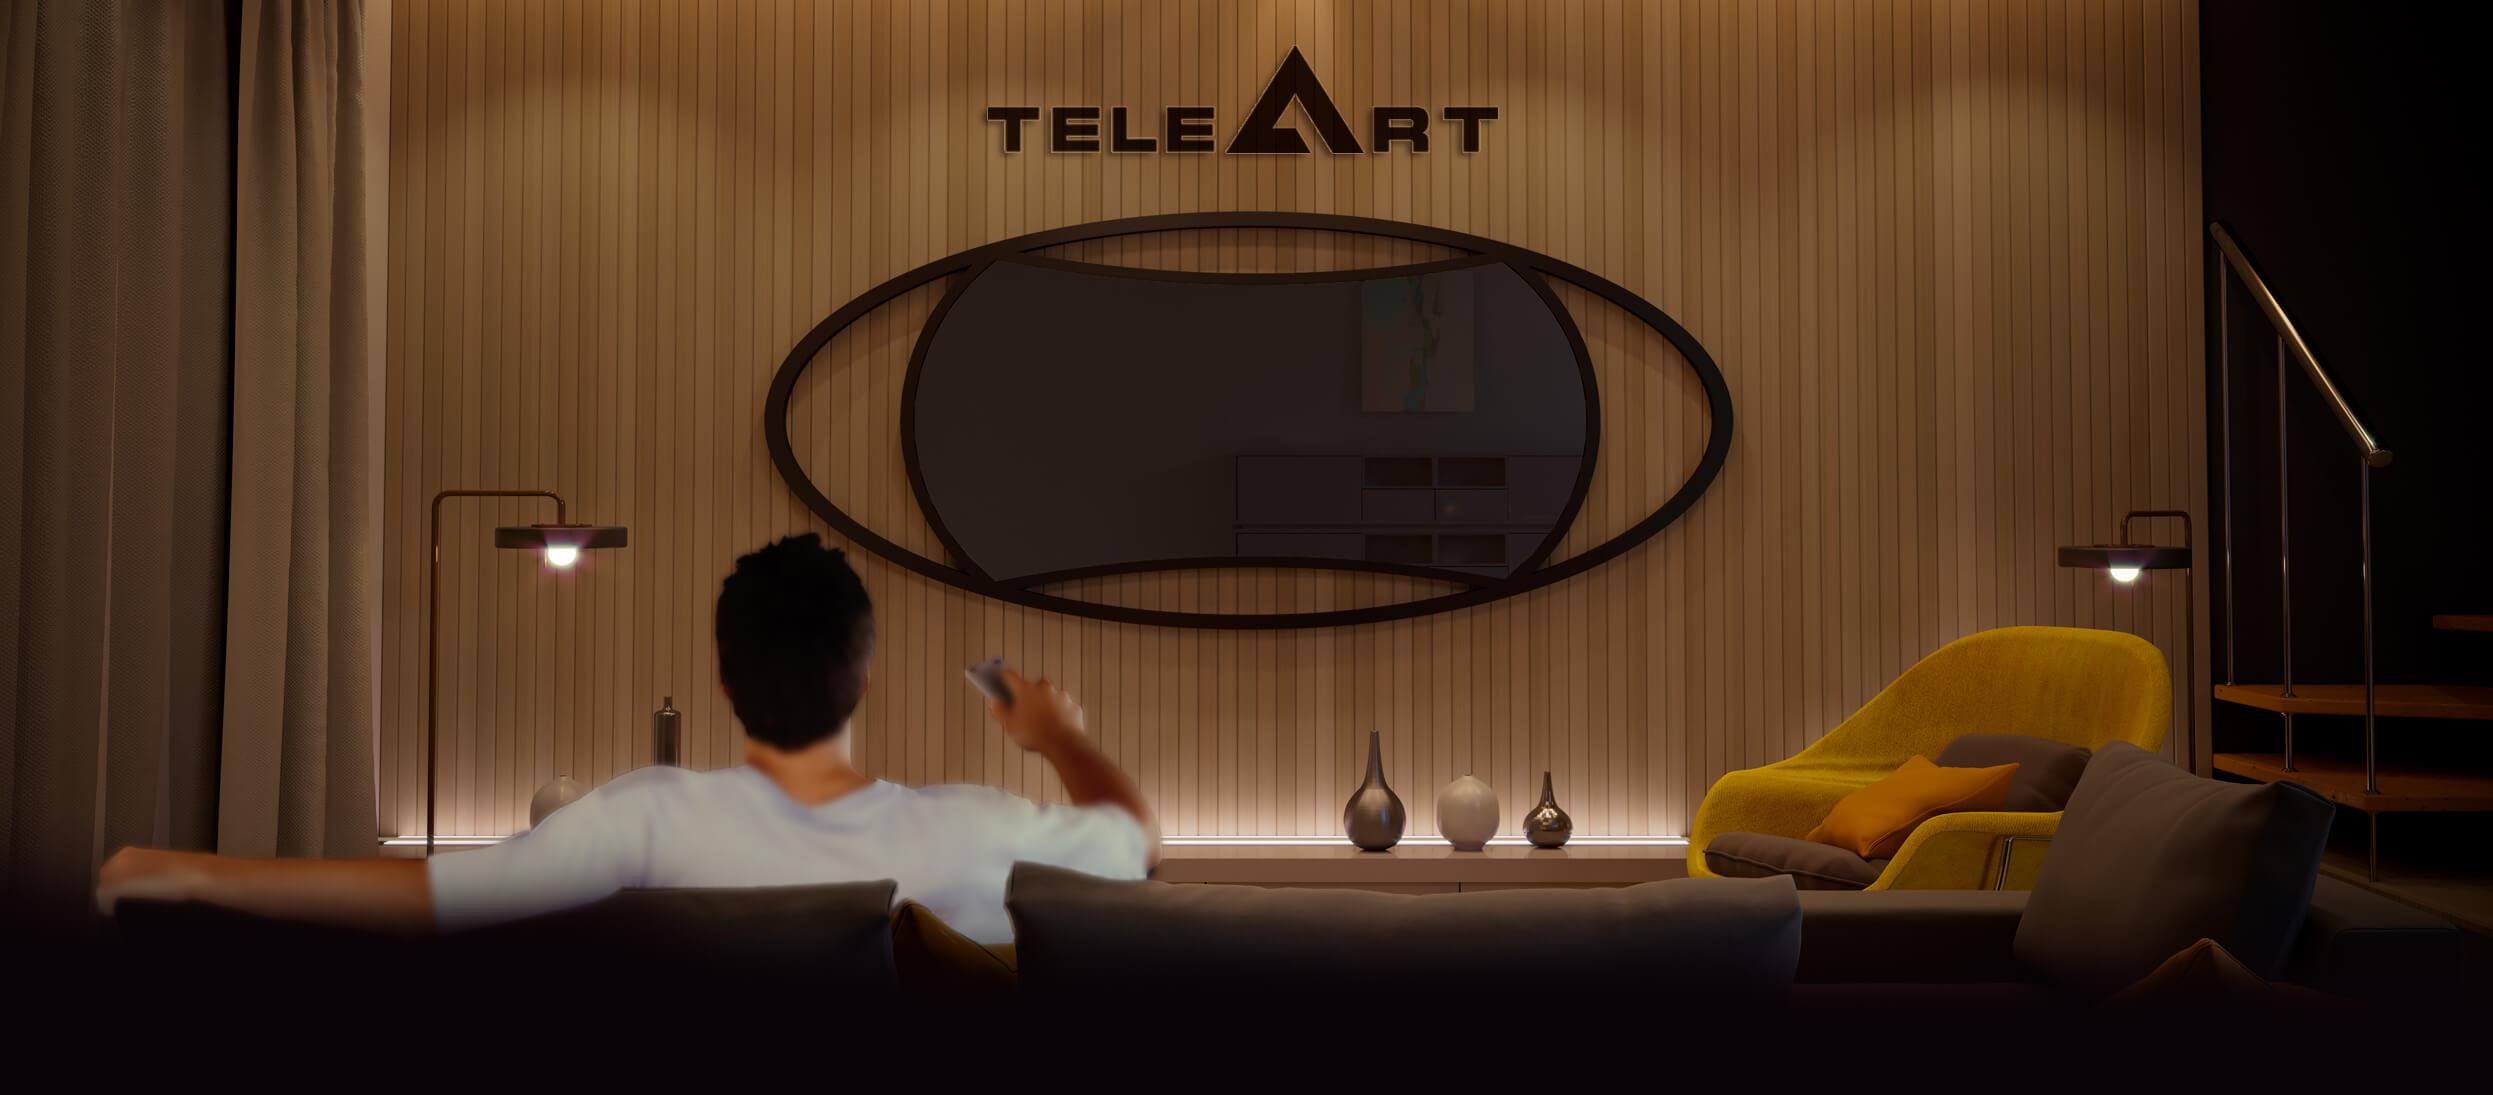 Встроенные телевизоры, мультимедиа, умный дом Tele-Art